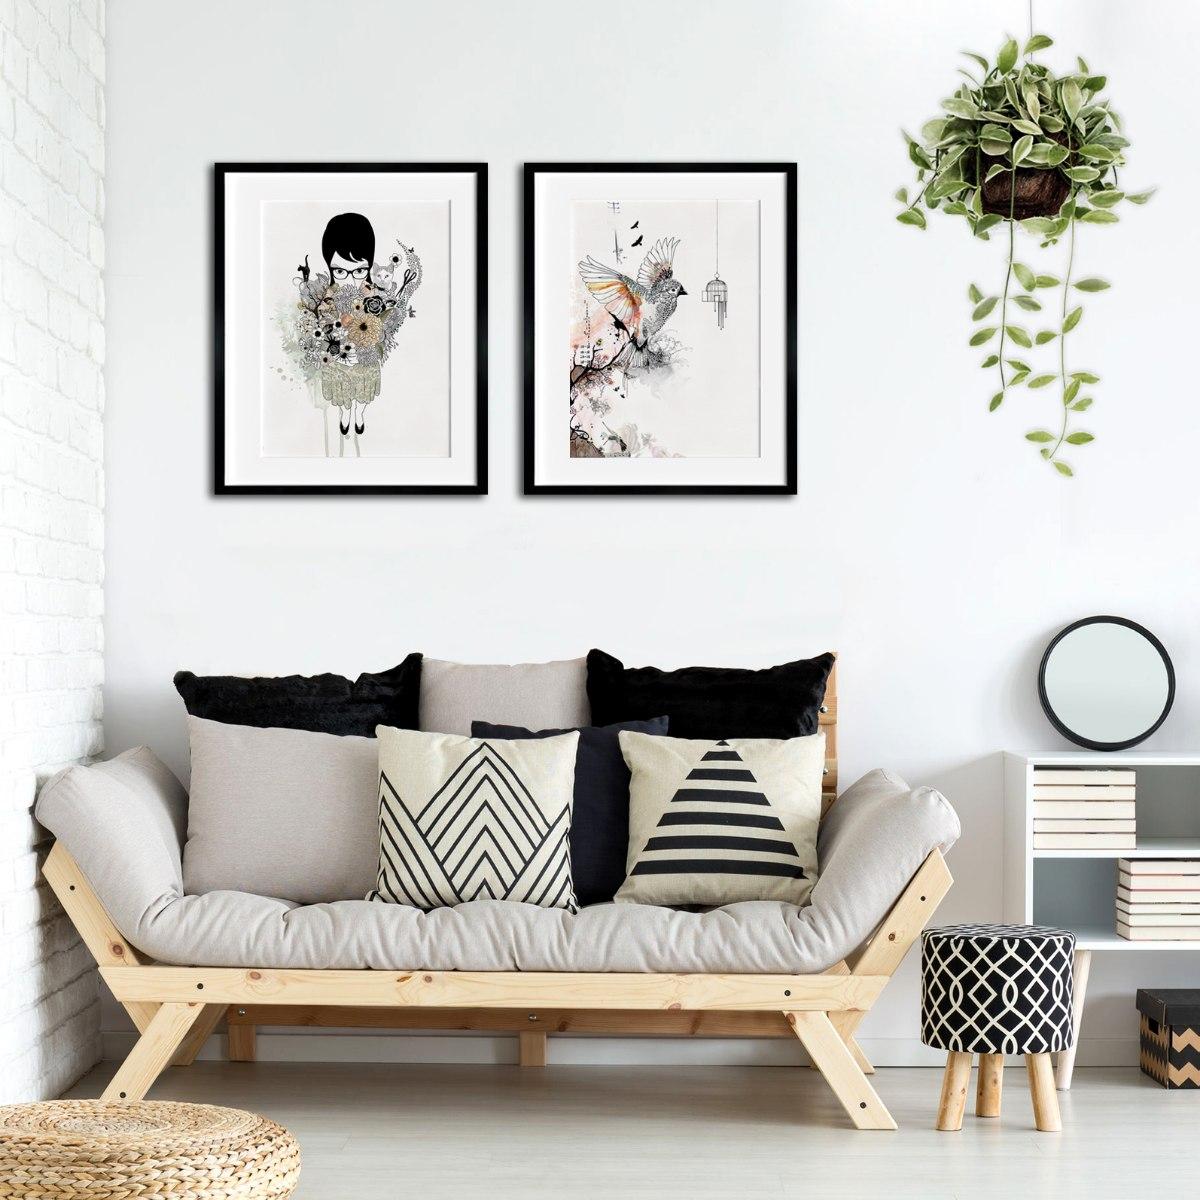 סט של 2 תמונות לסלון - שחור